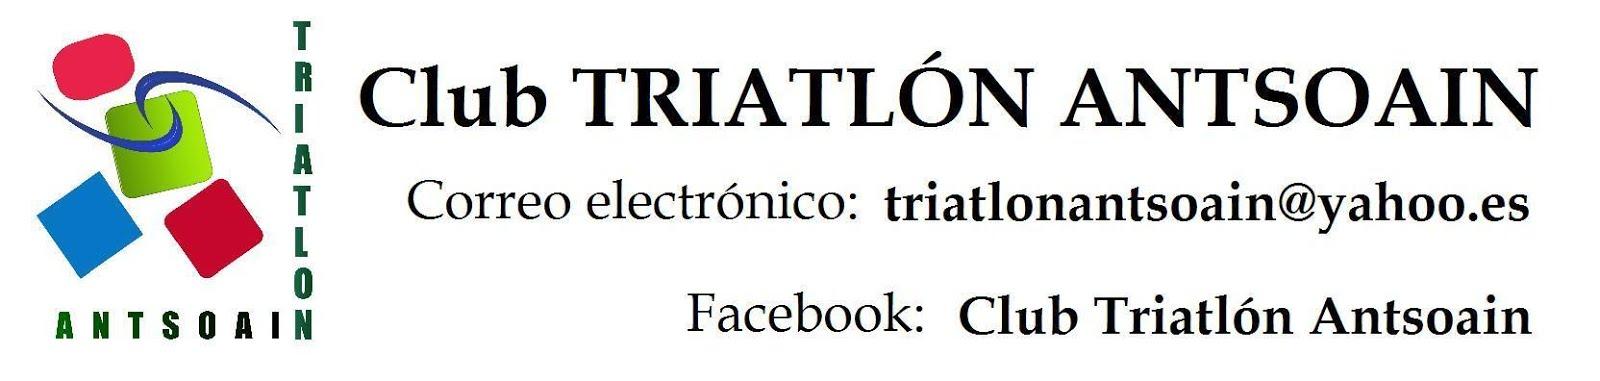 triatlón antsoain